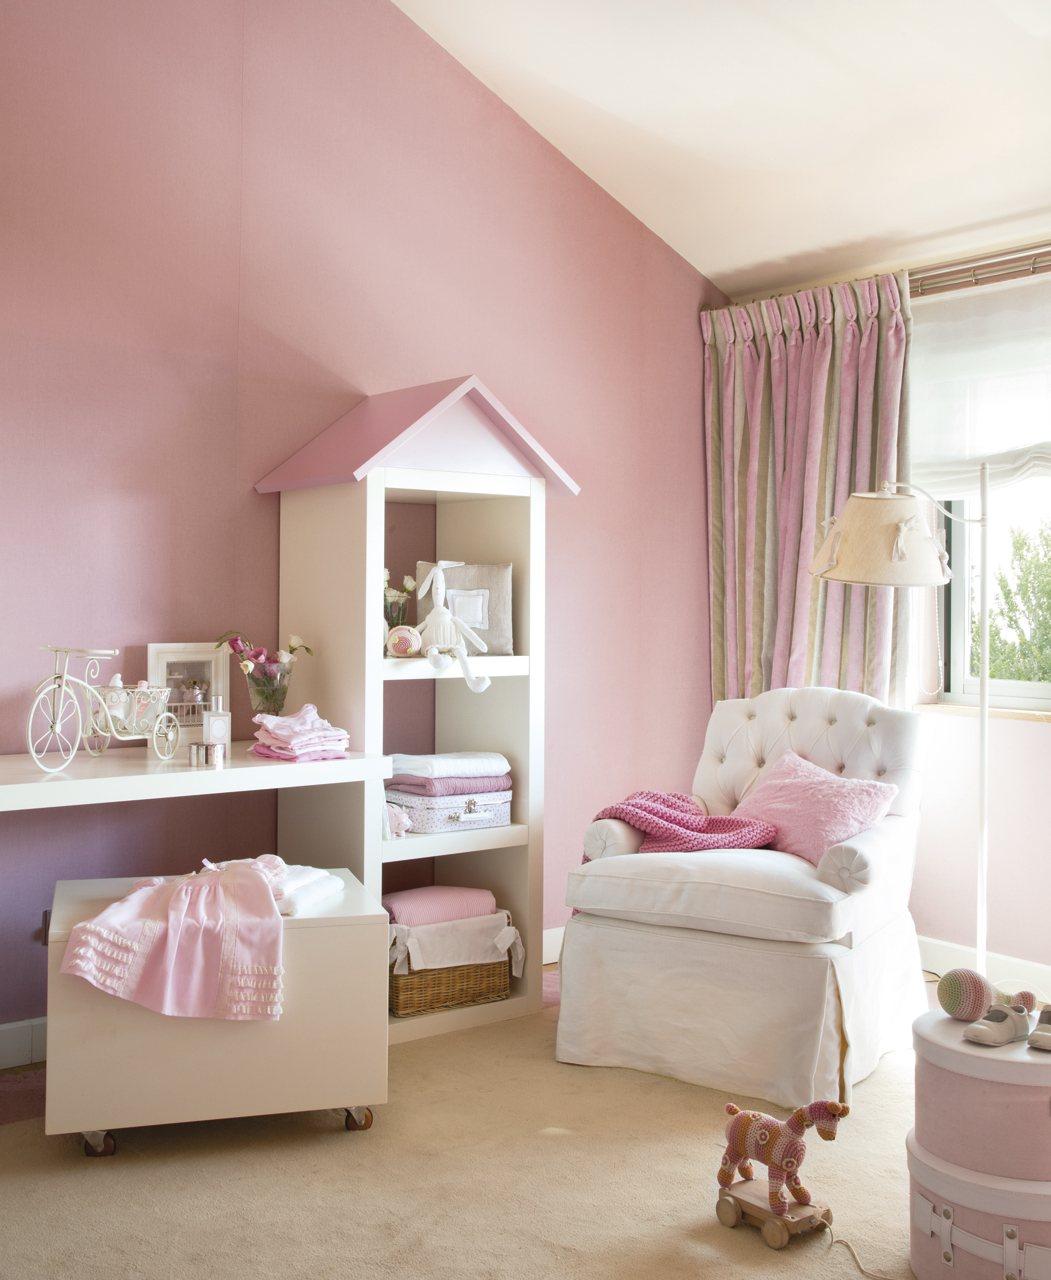 Zona con butaca y almacenaje. Dormitorio infantil blanco y rosa con sillón y estanterías